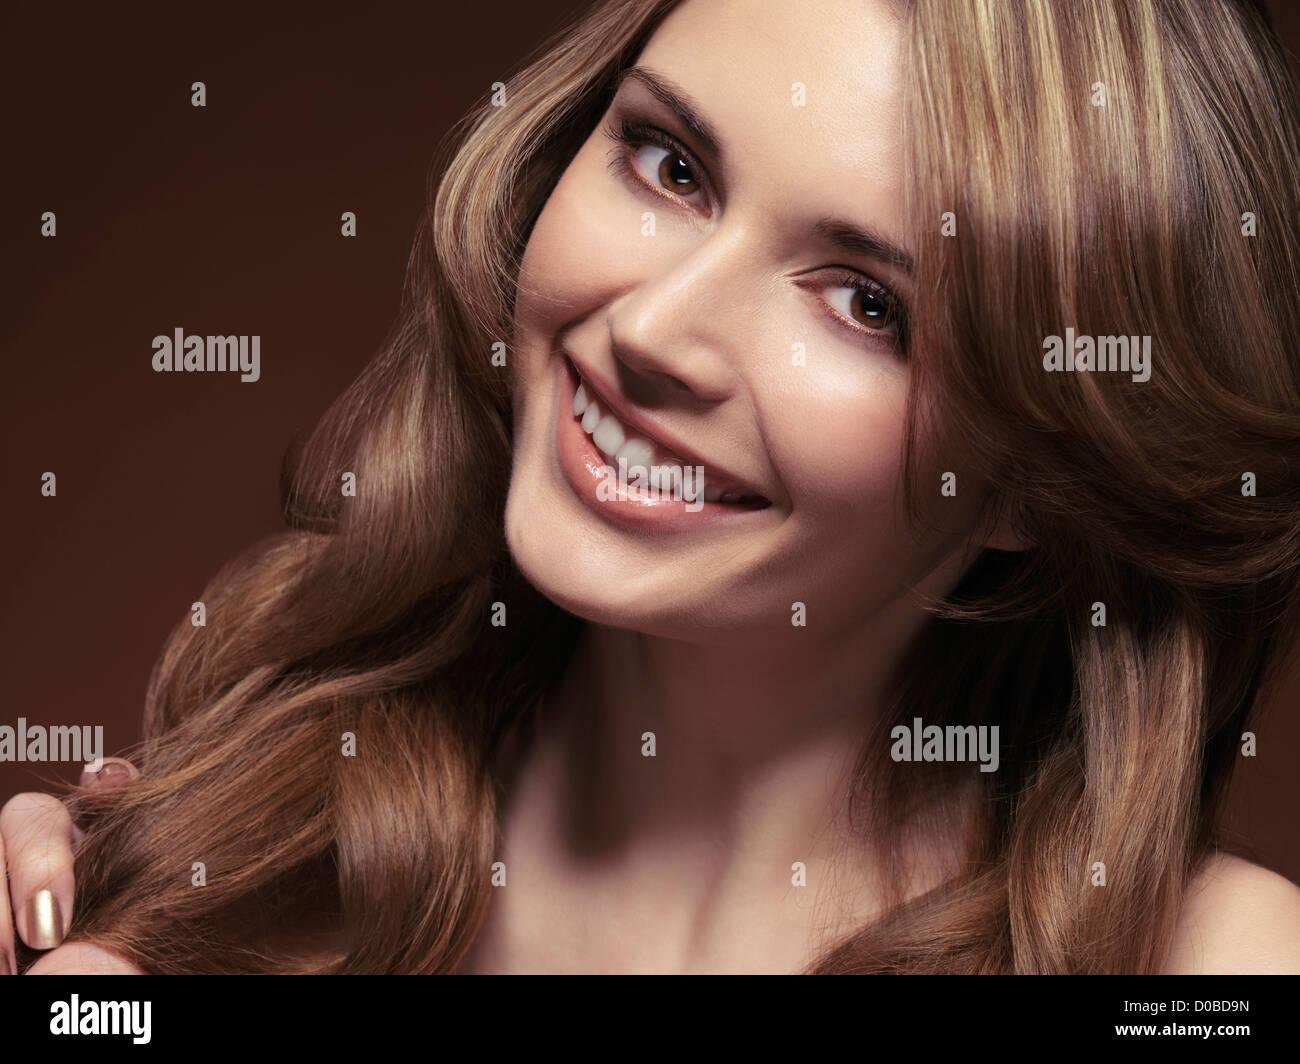 Ritratto di bellezza di un sorridente giovane donna con bella luce marrone capelli Immagini Stock